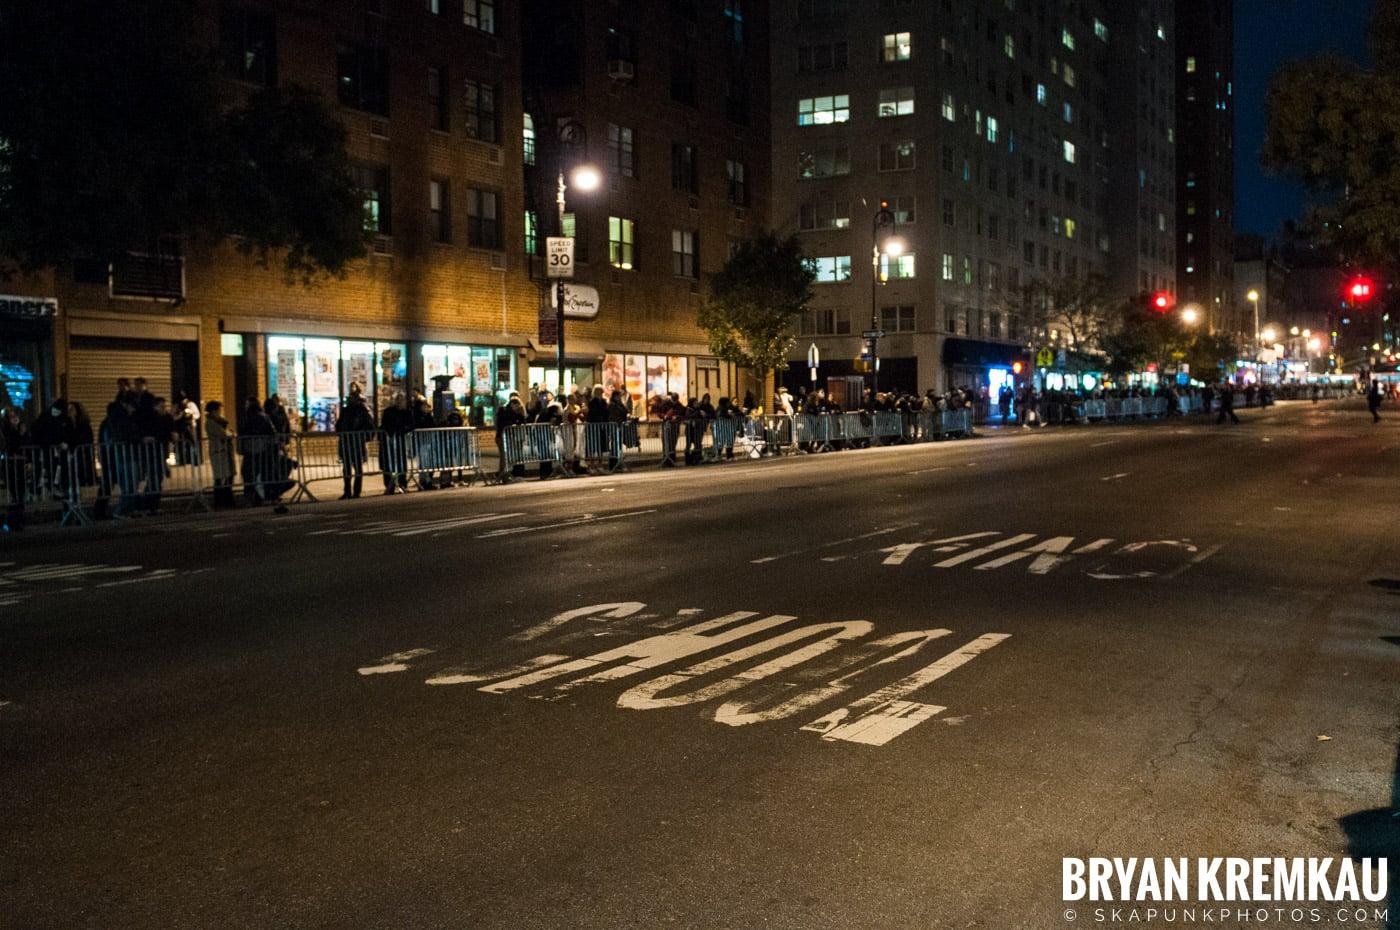 NYC Halloween Parade 2011 @ New York, NY - 10.31.11 (102)